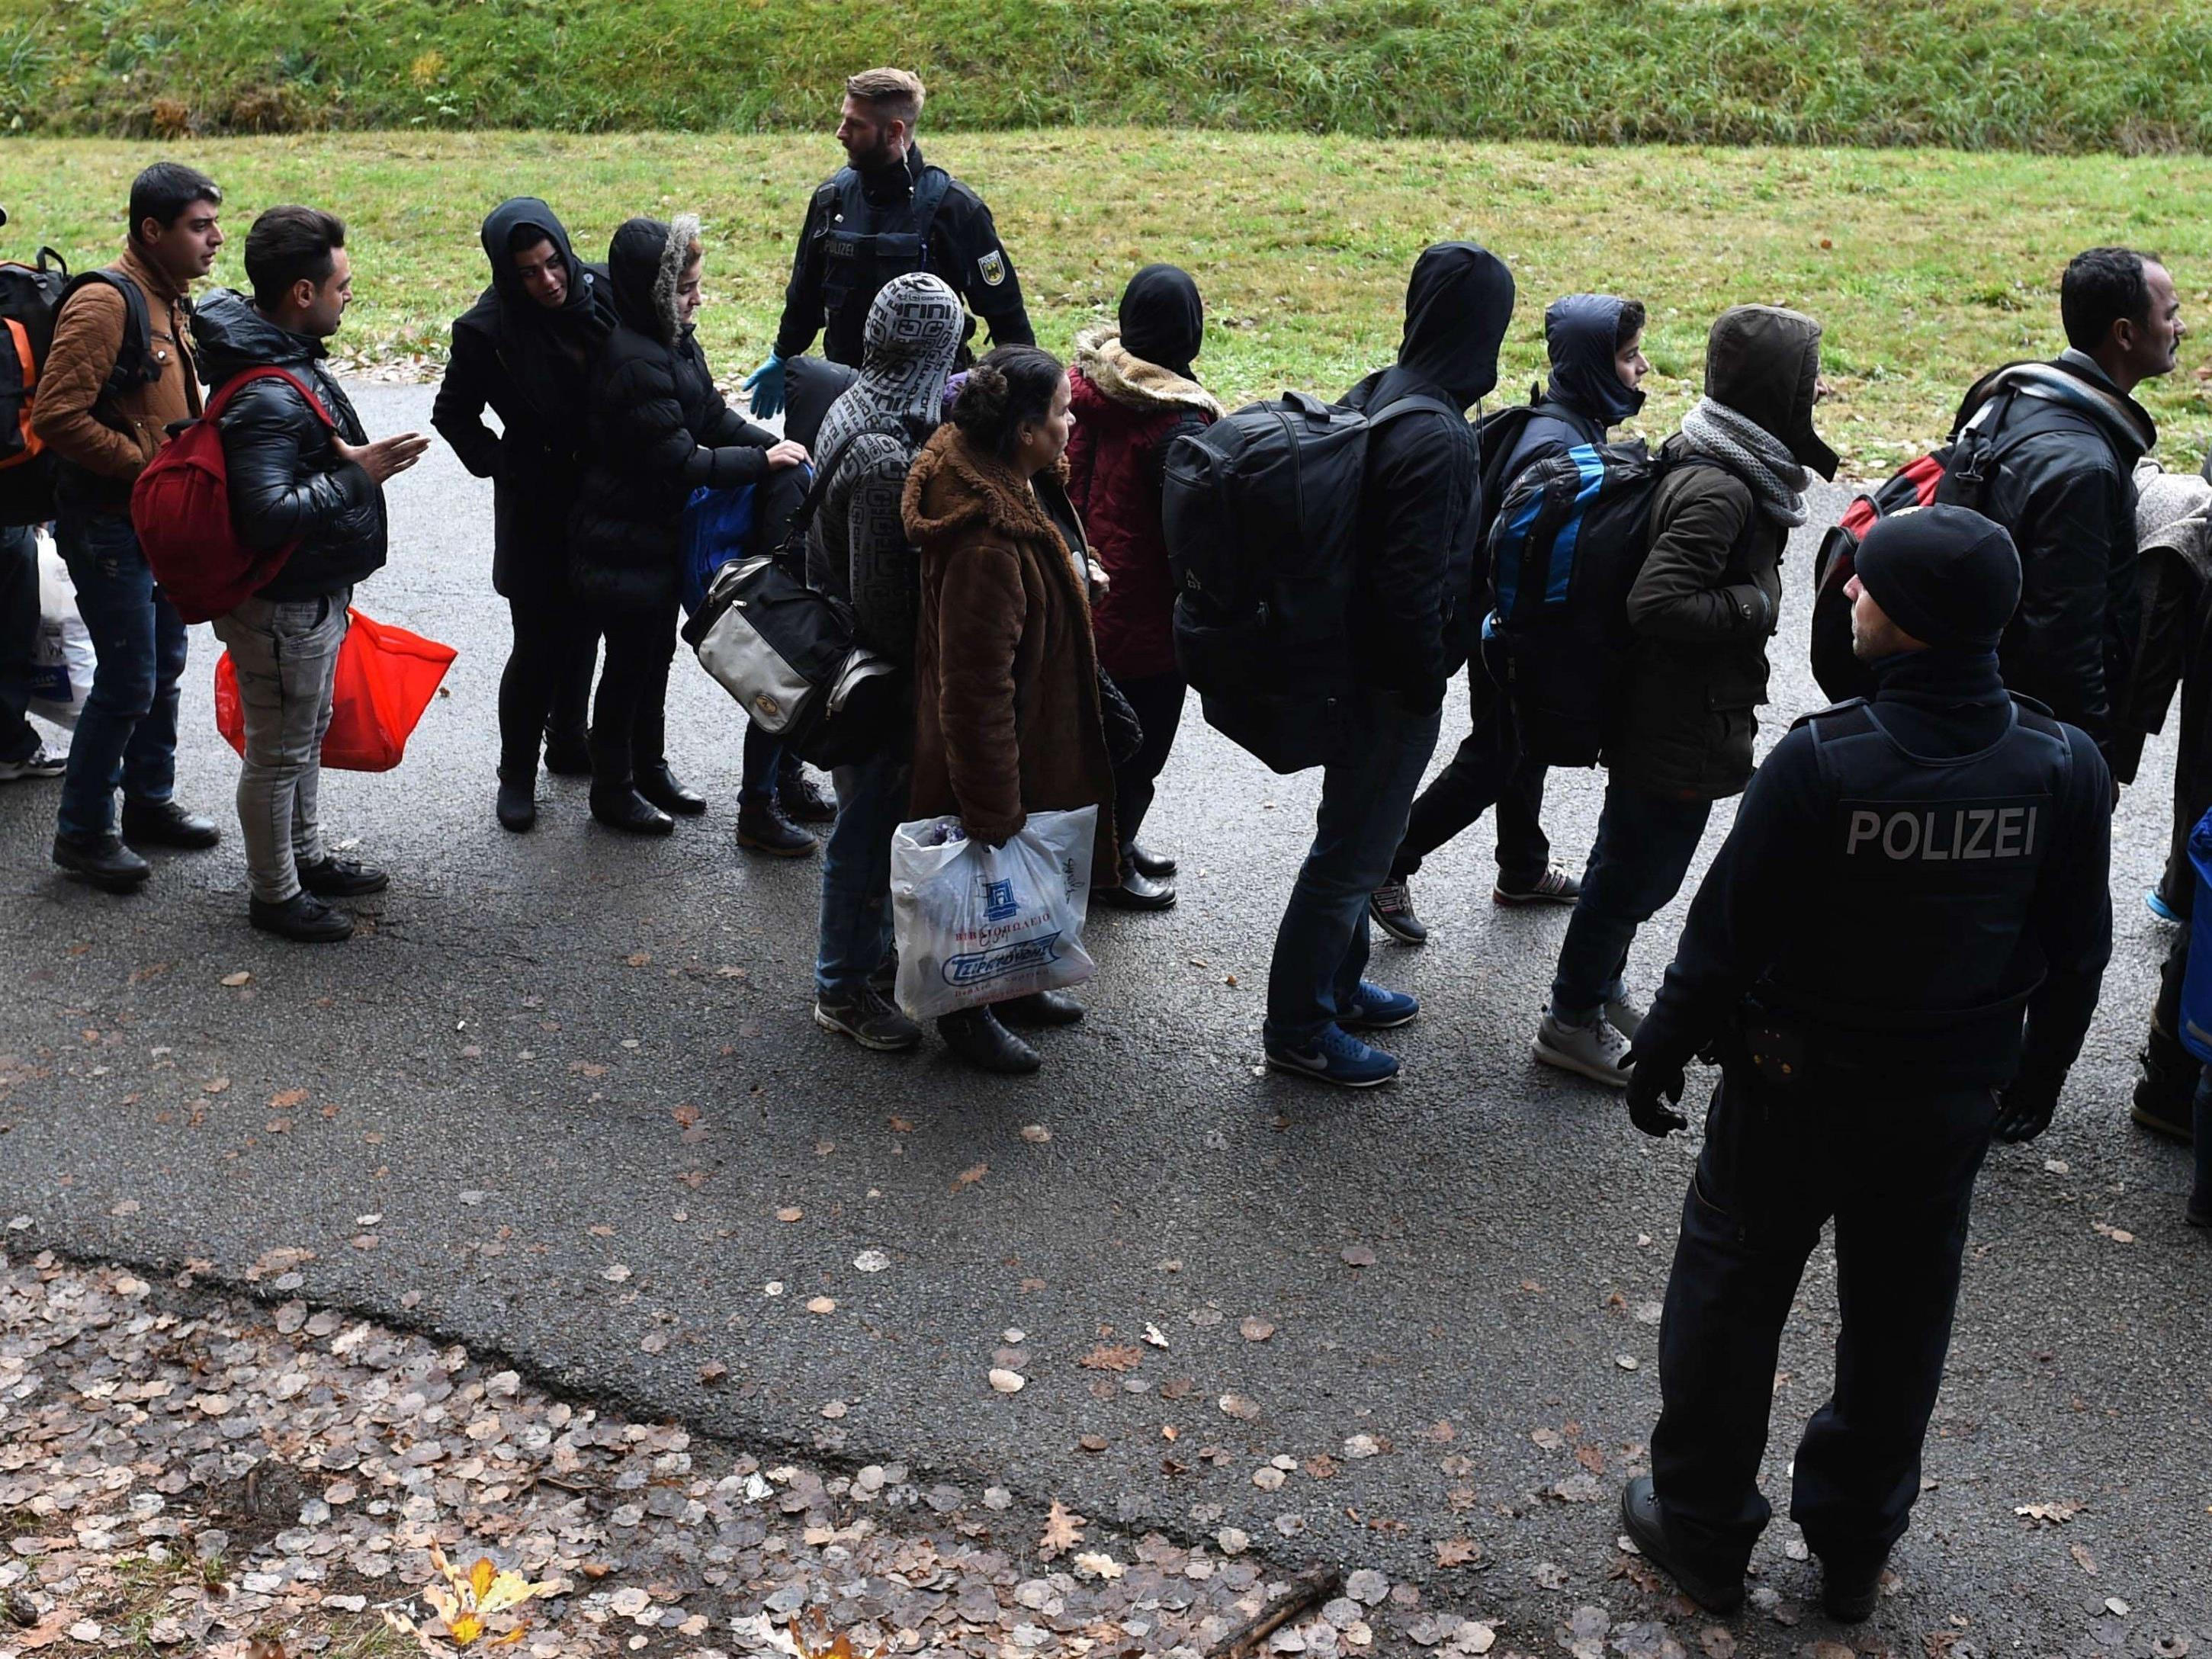 Bayern schickt hunderte Flüchtlinge täglich zurück.